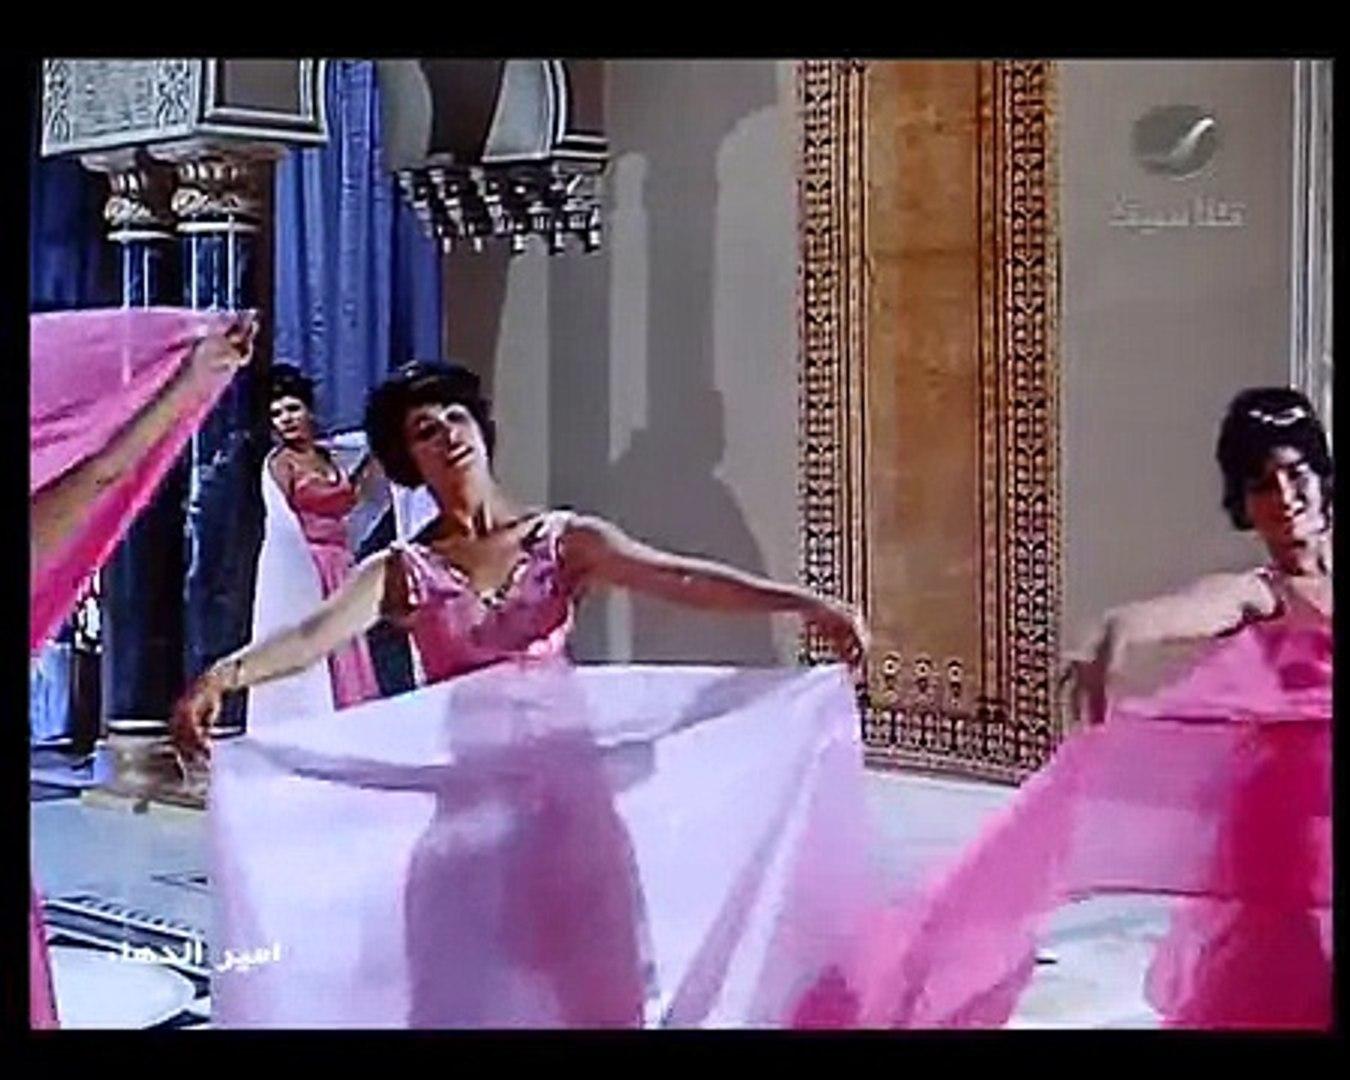 فيلم امير الدهاء فريد شوقى Video Dailymotion